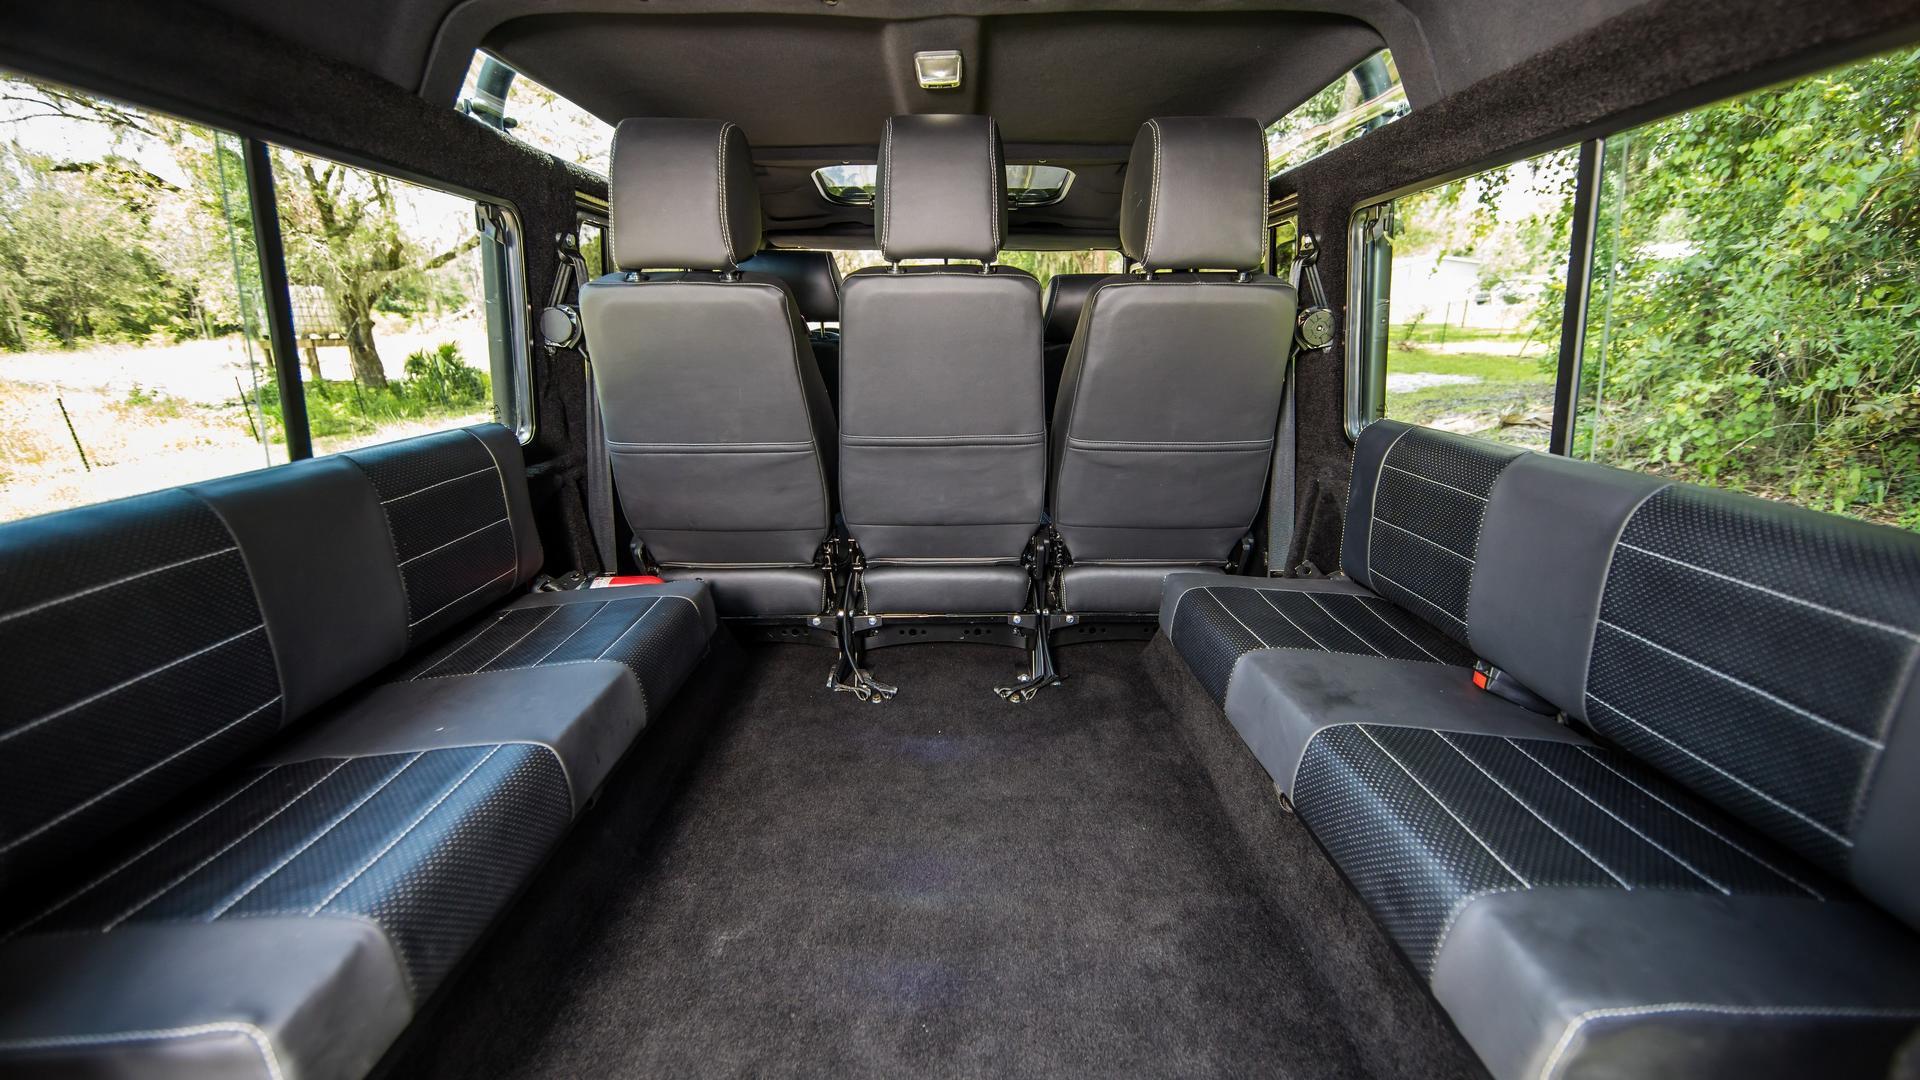 Land Rover Defender Project Kingsman Gets 320 HP Chevy V8 Engine